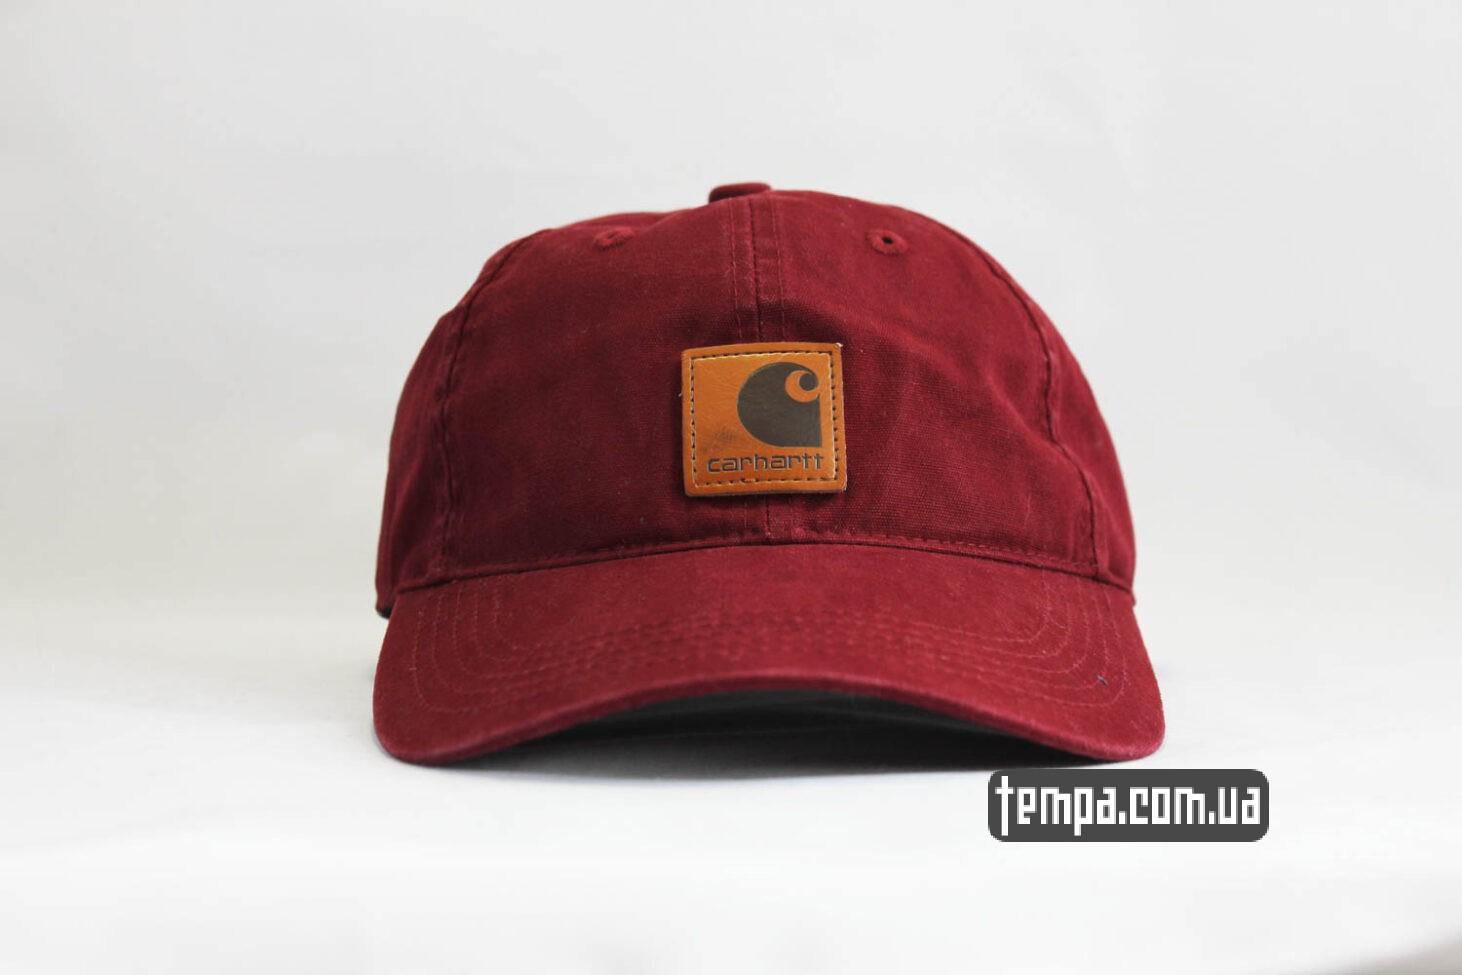 кепка бейсболка snapback Carhartt бордовая кожаный логотип